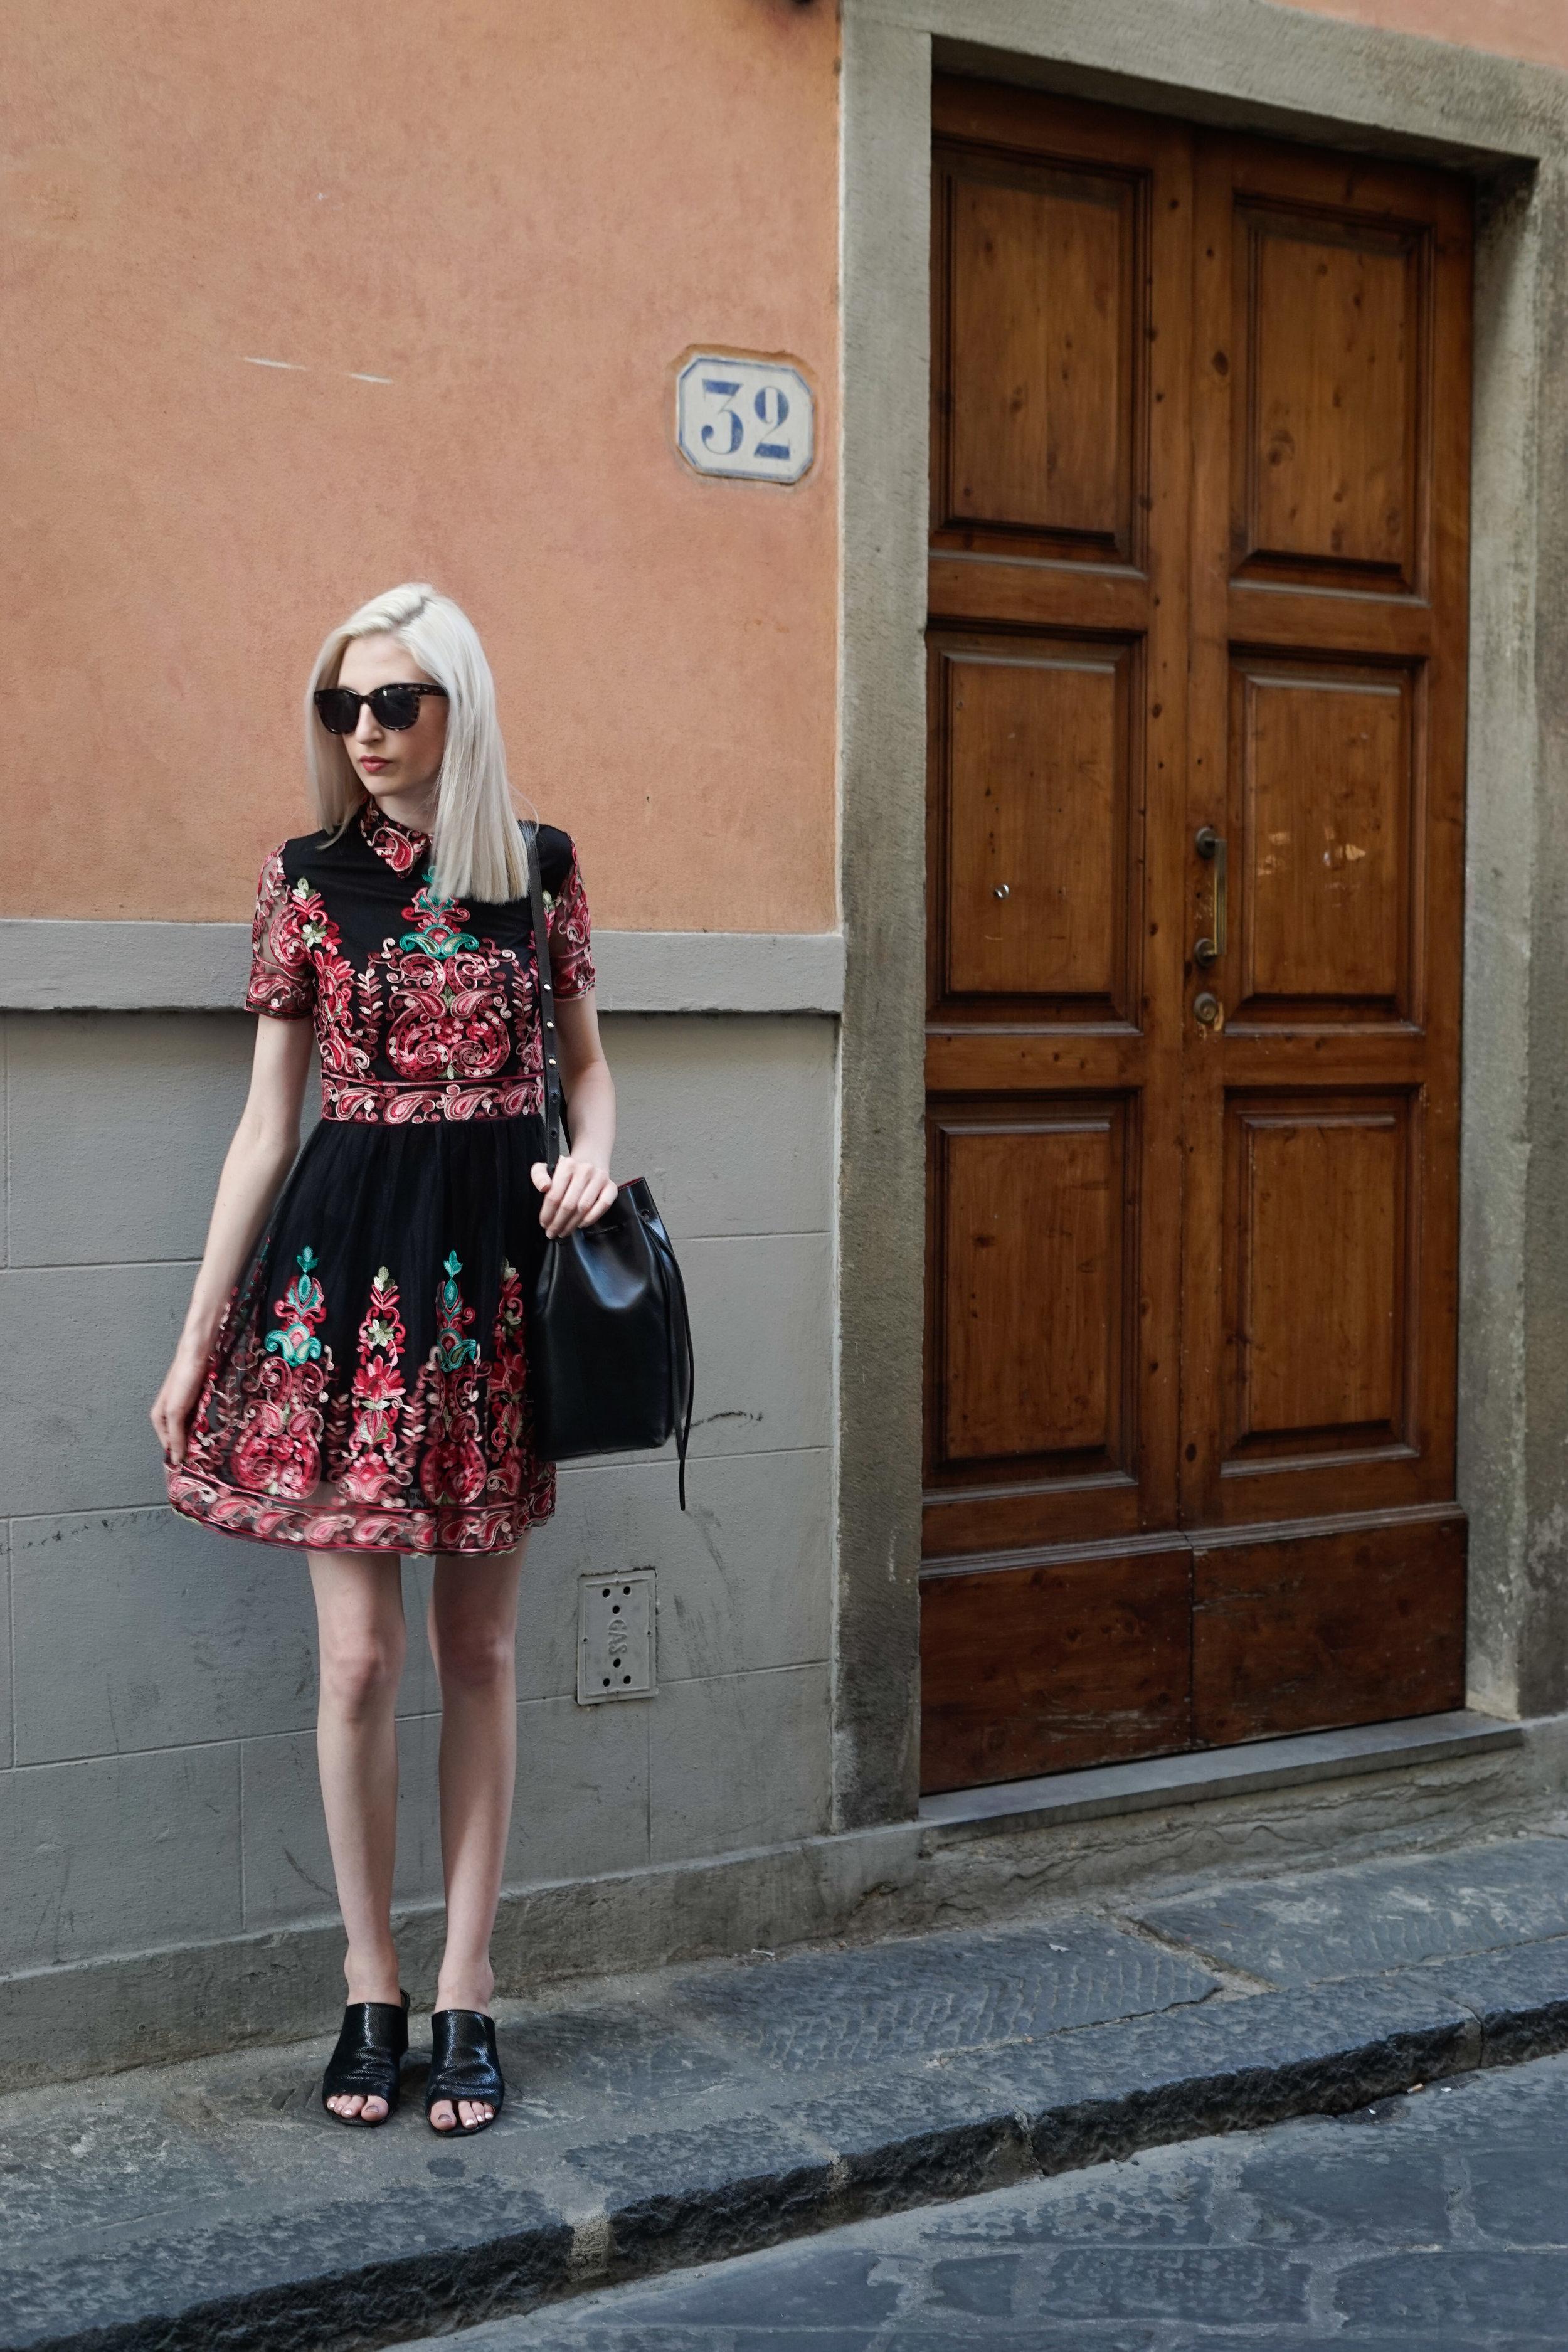 embroidered skater dress, black block heeled mules, black Mansur Gavriel bucket bag